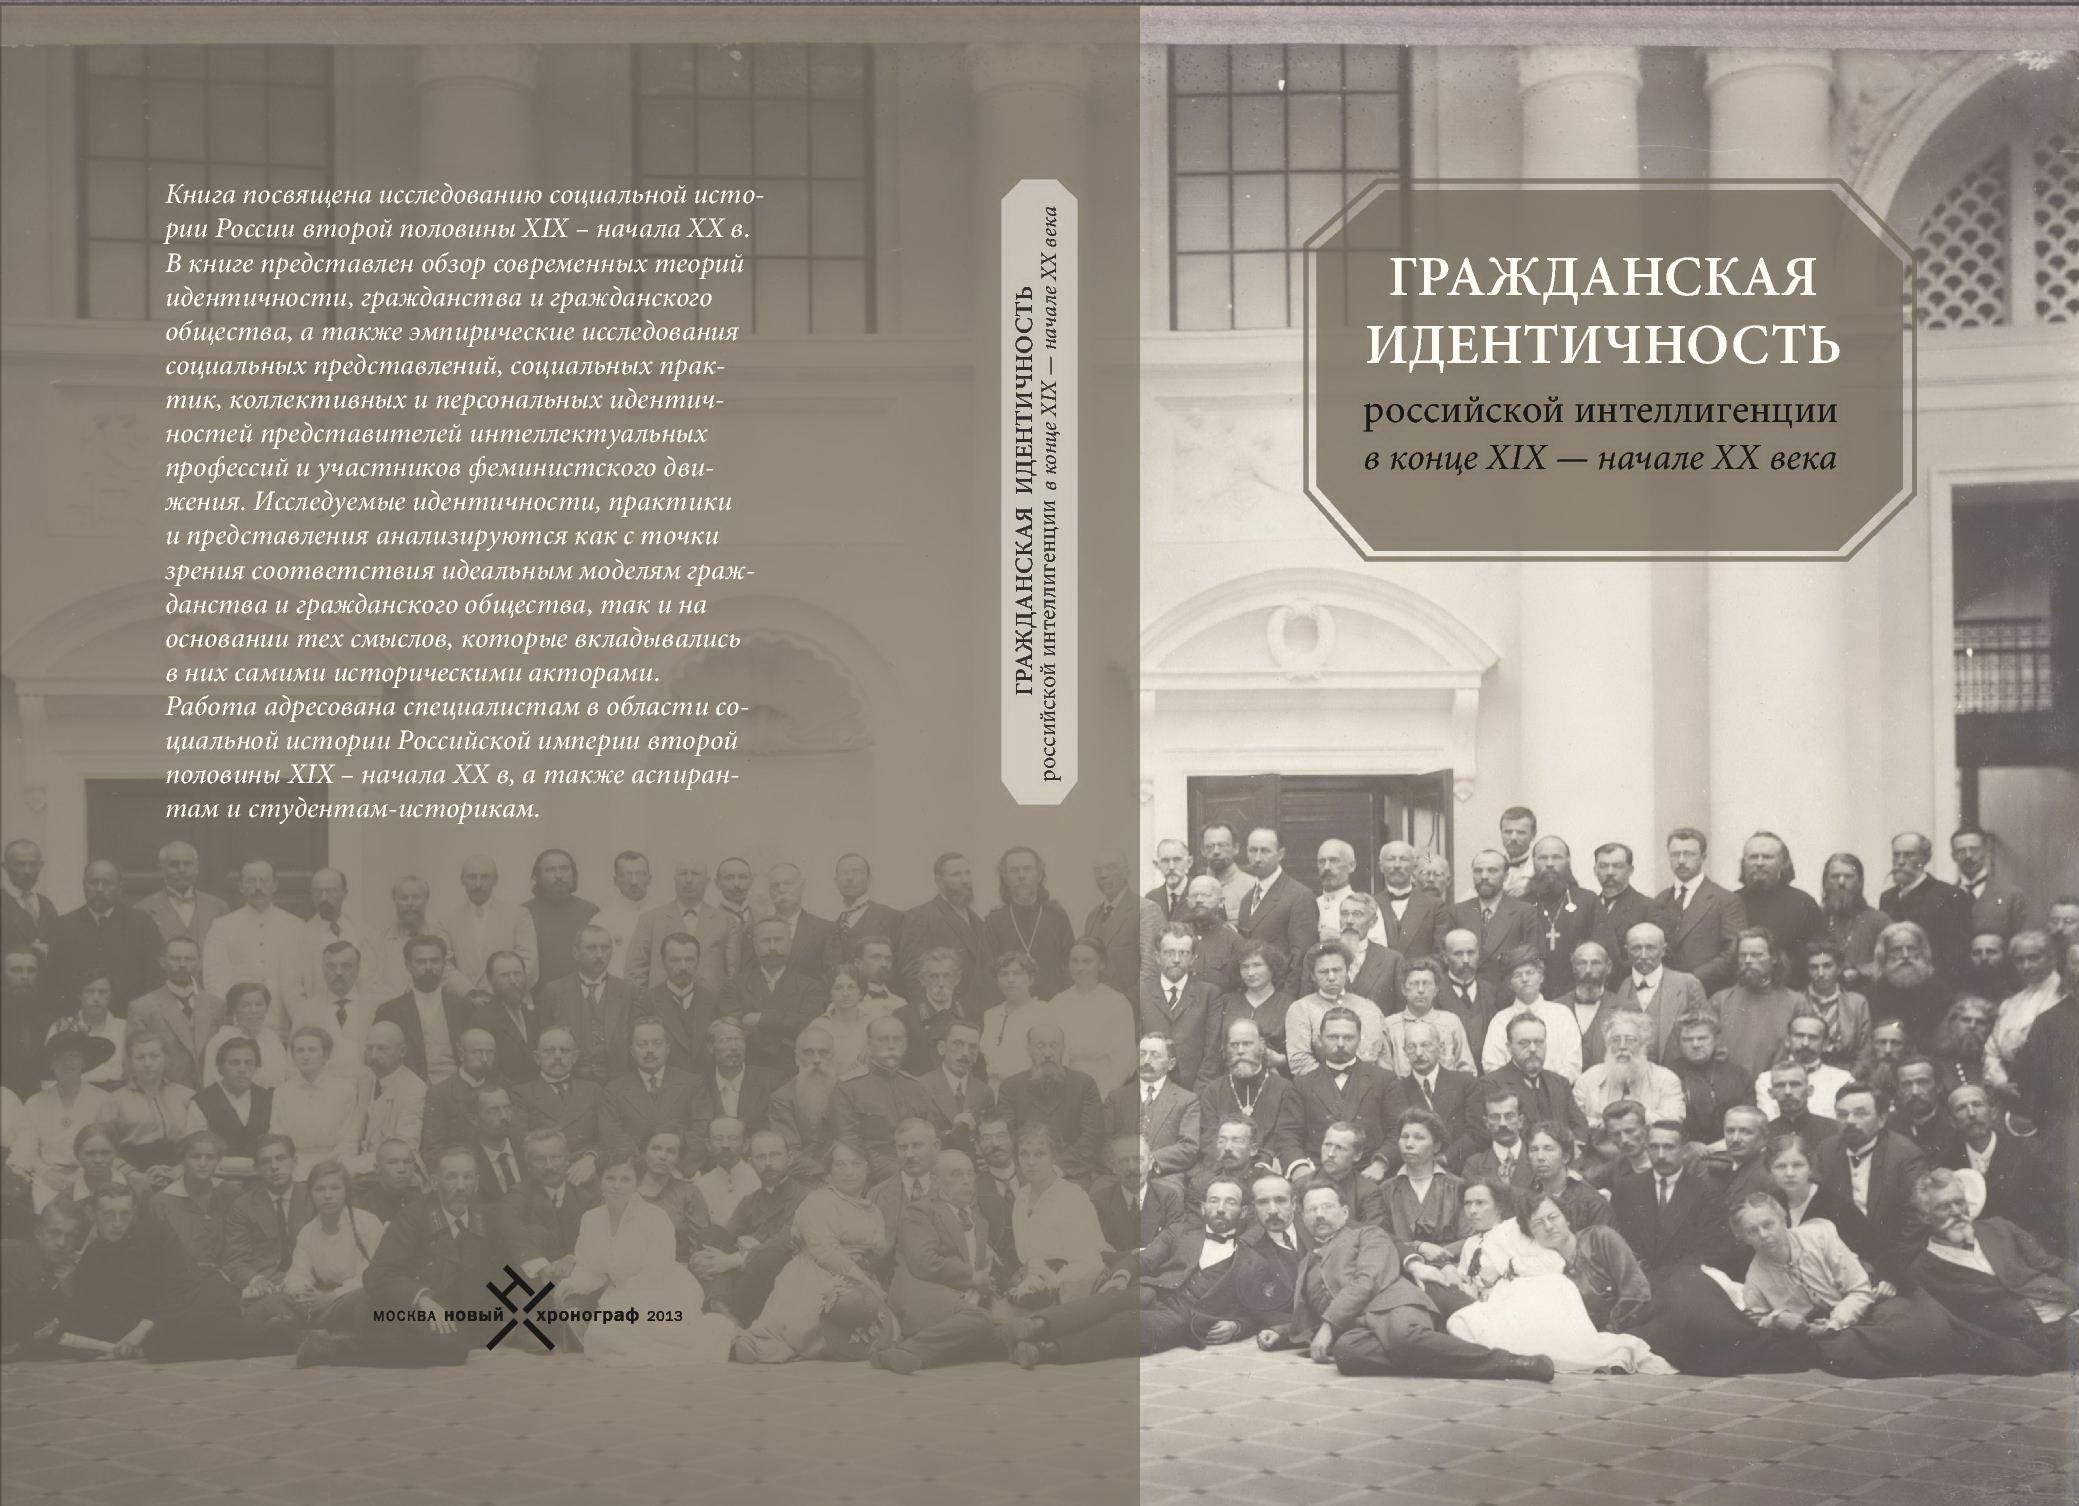 Гражданская идентичность российской интеллигенции в конце XIX - начале XX века